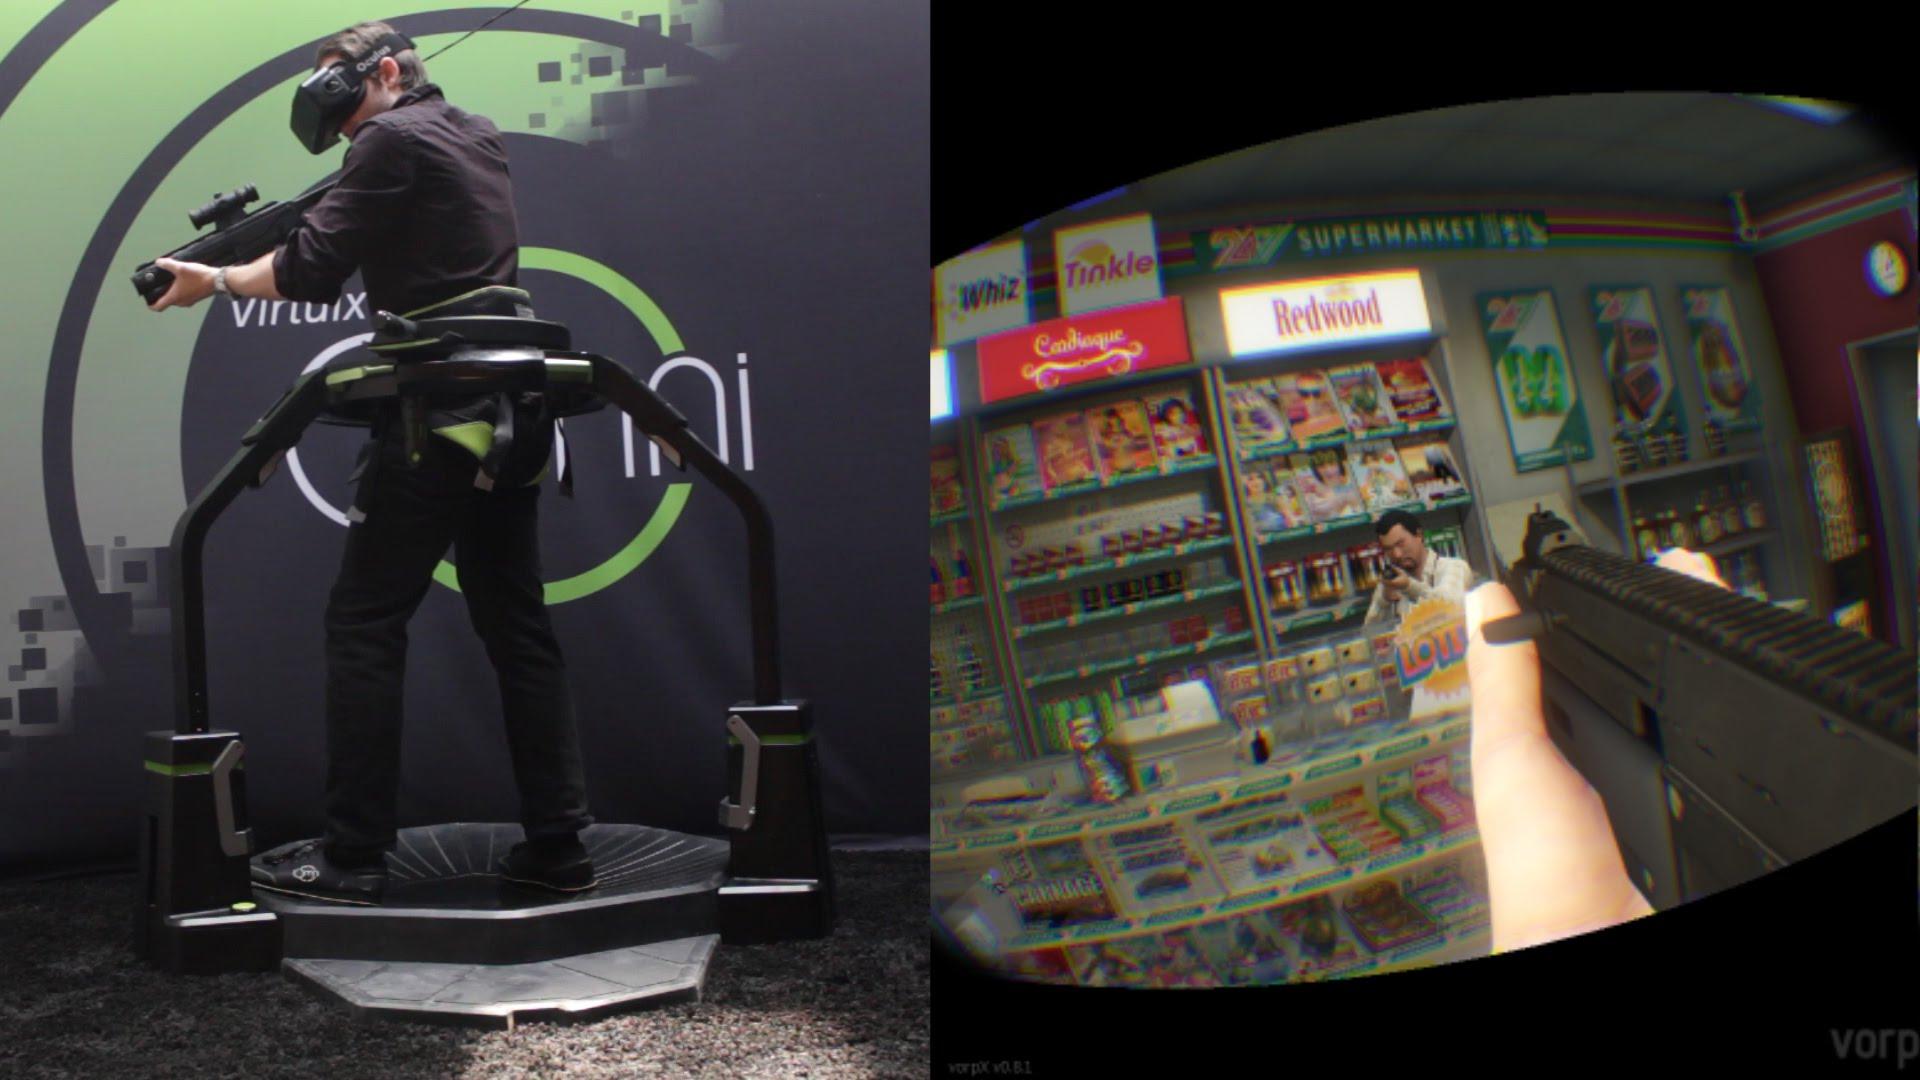 When the Virtuix Omni VR Treadmill Meets Grand Theft Auto V